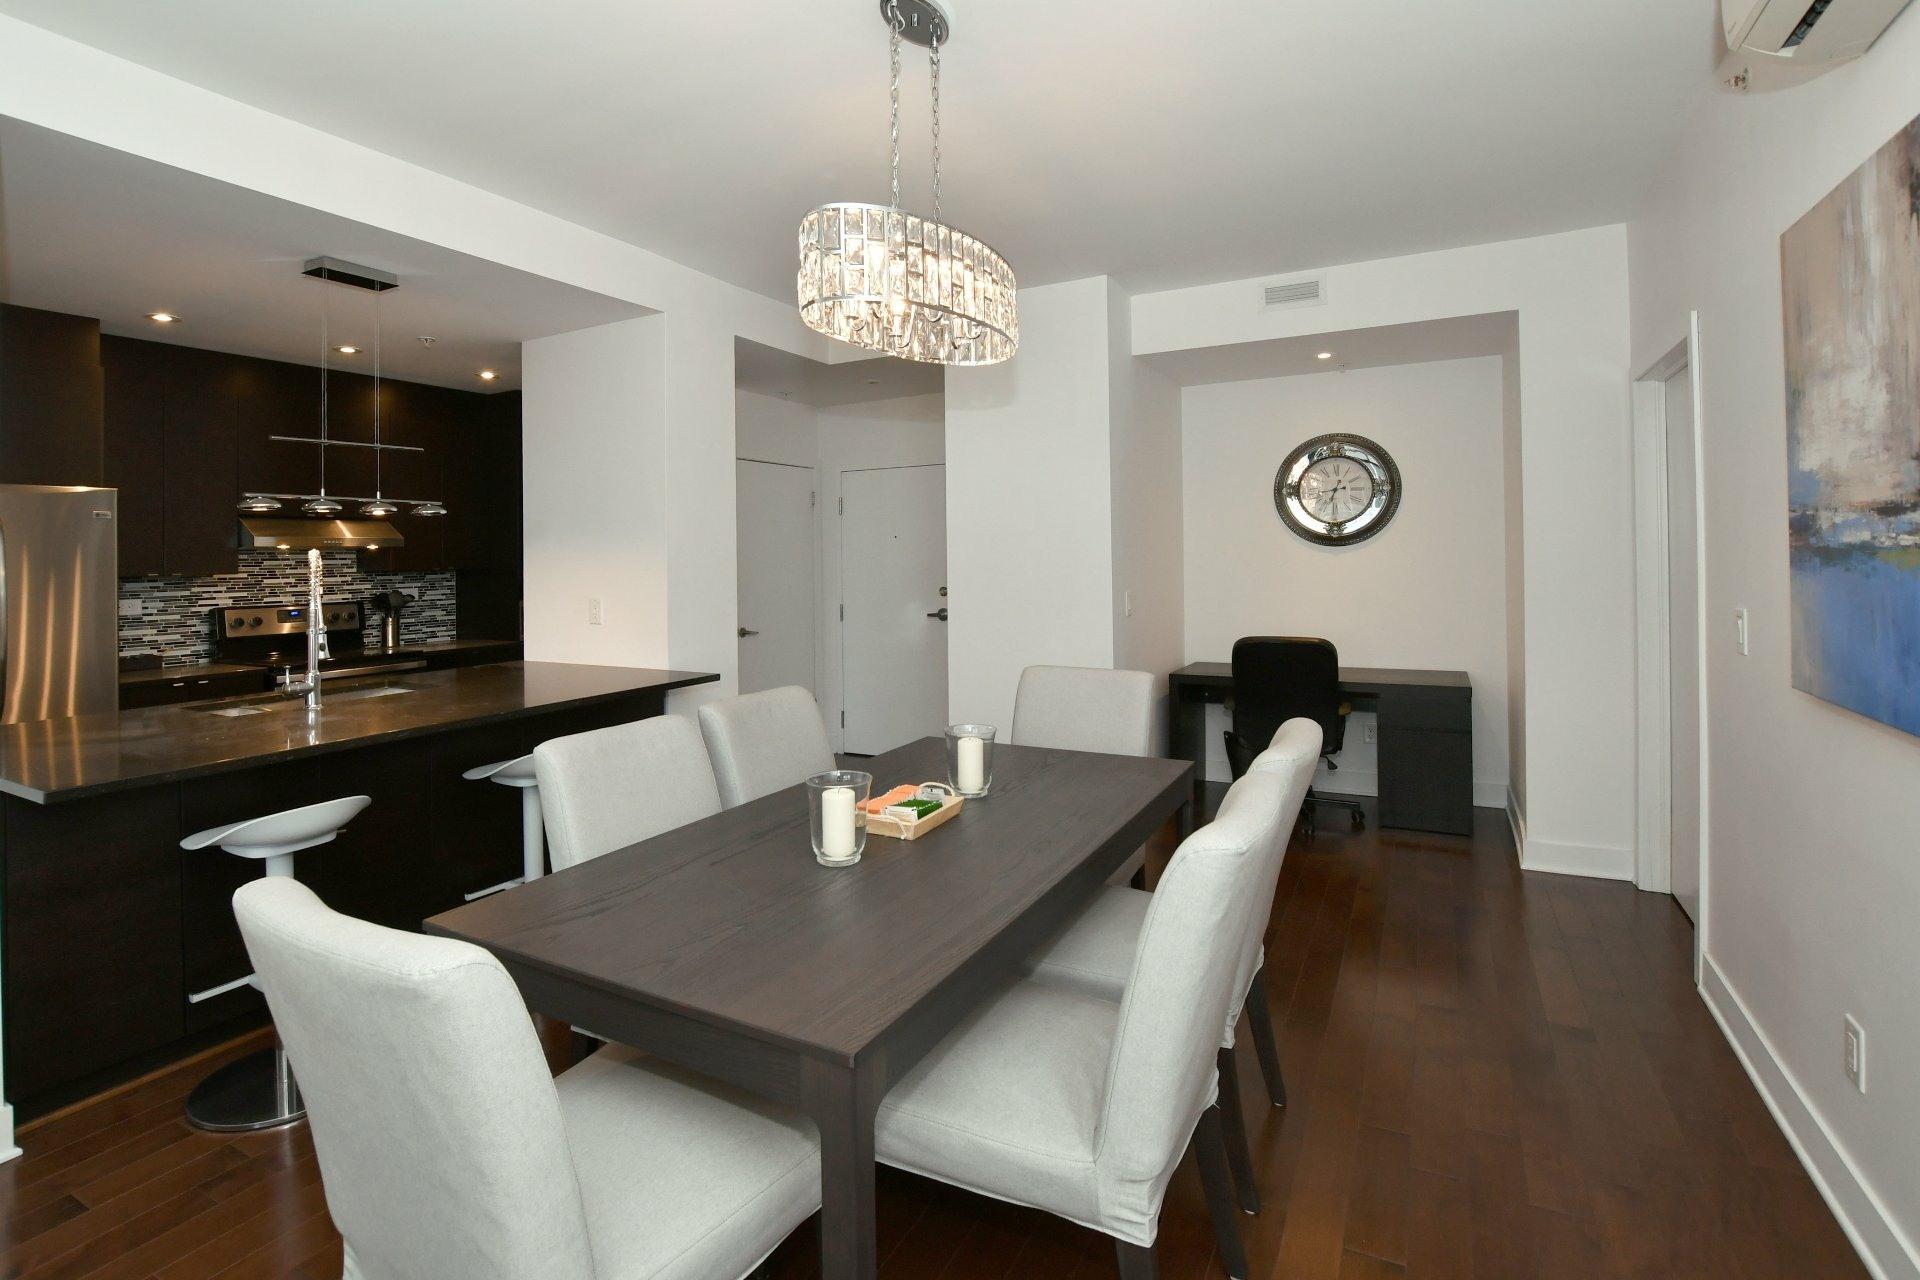 image 5 - Apartment For rent Côte-des-Neiges/Notre-Dame-de-Grâce Montréal  - 4 rooms